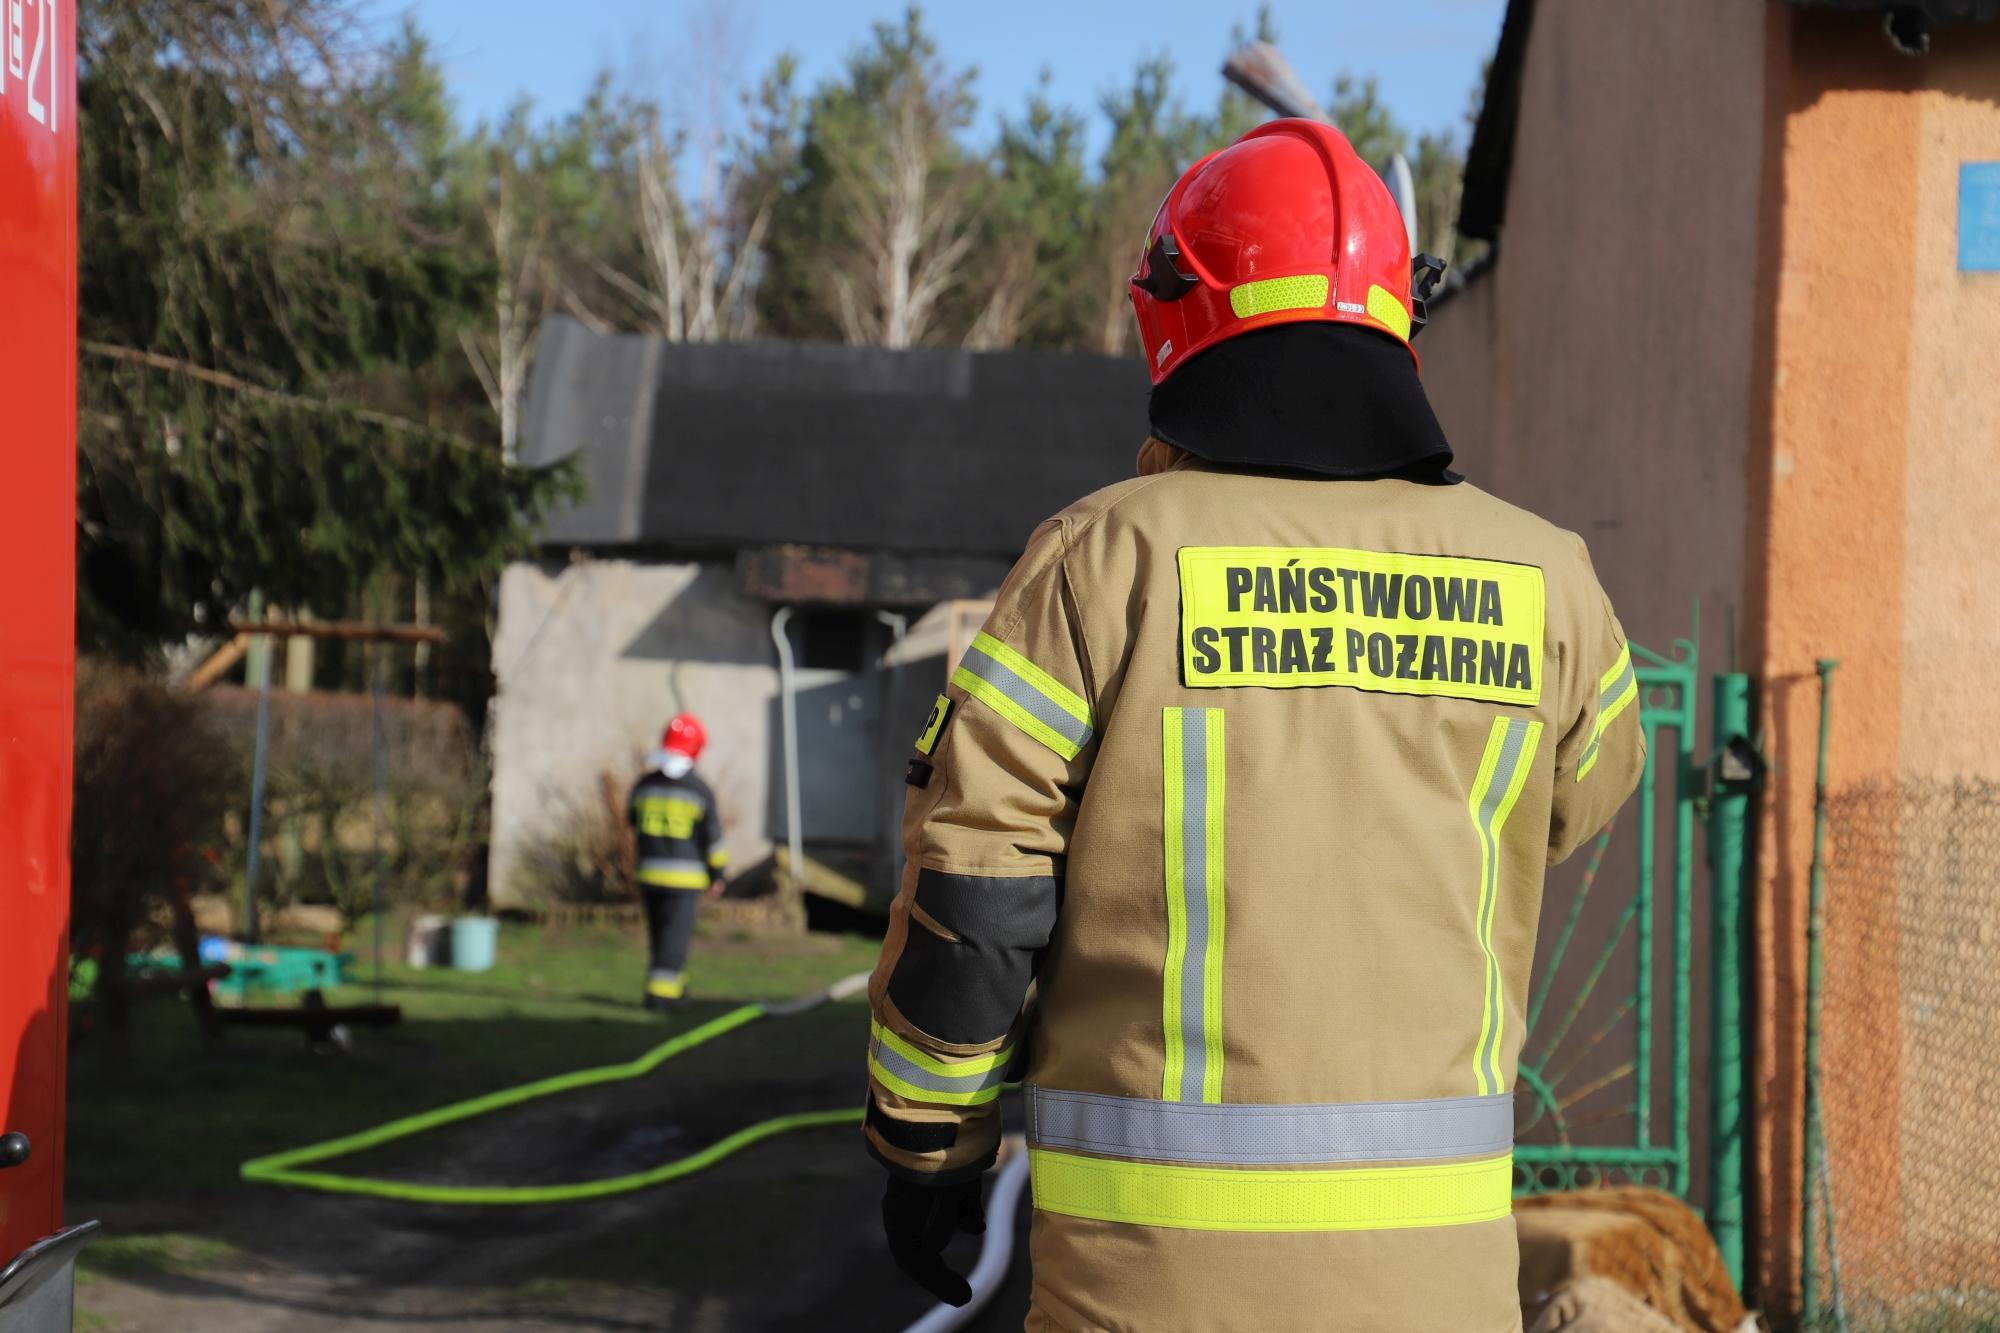 Strażacy będą zarabiać więcej? Trwają konsultacje w sprawie nowych dodatków - Zdjęcie główne